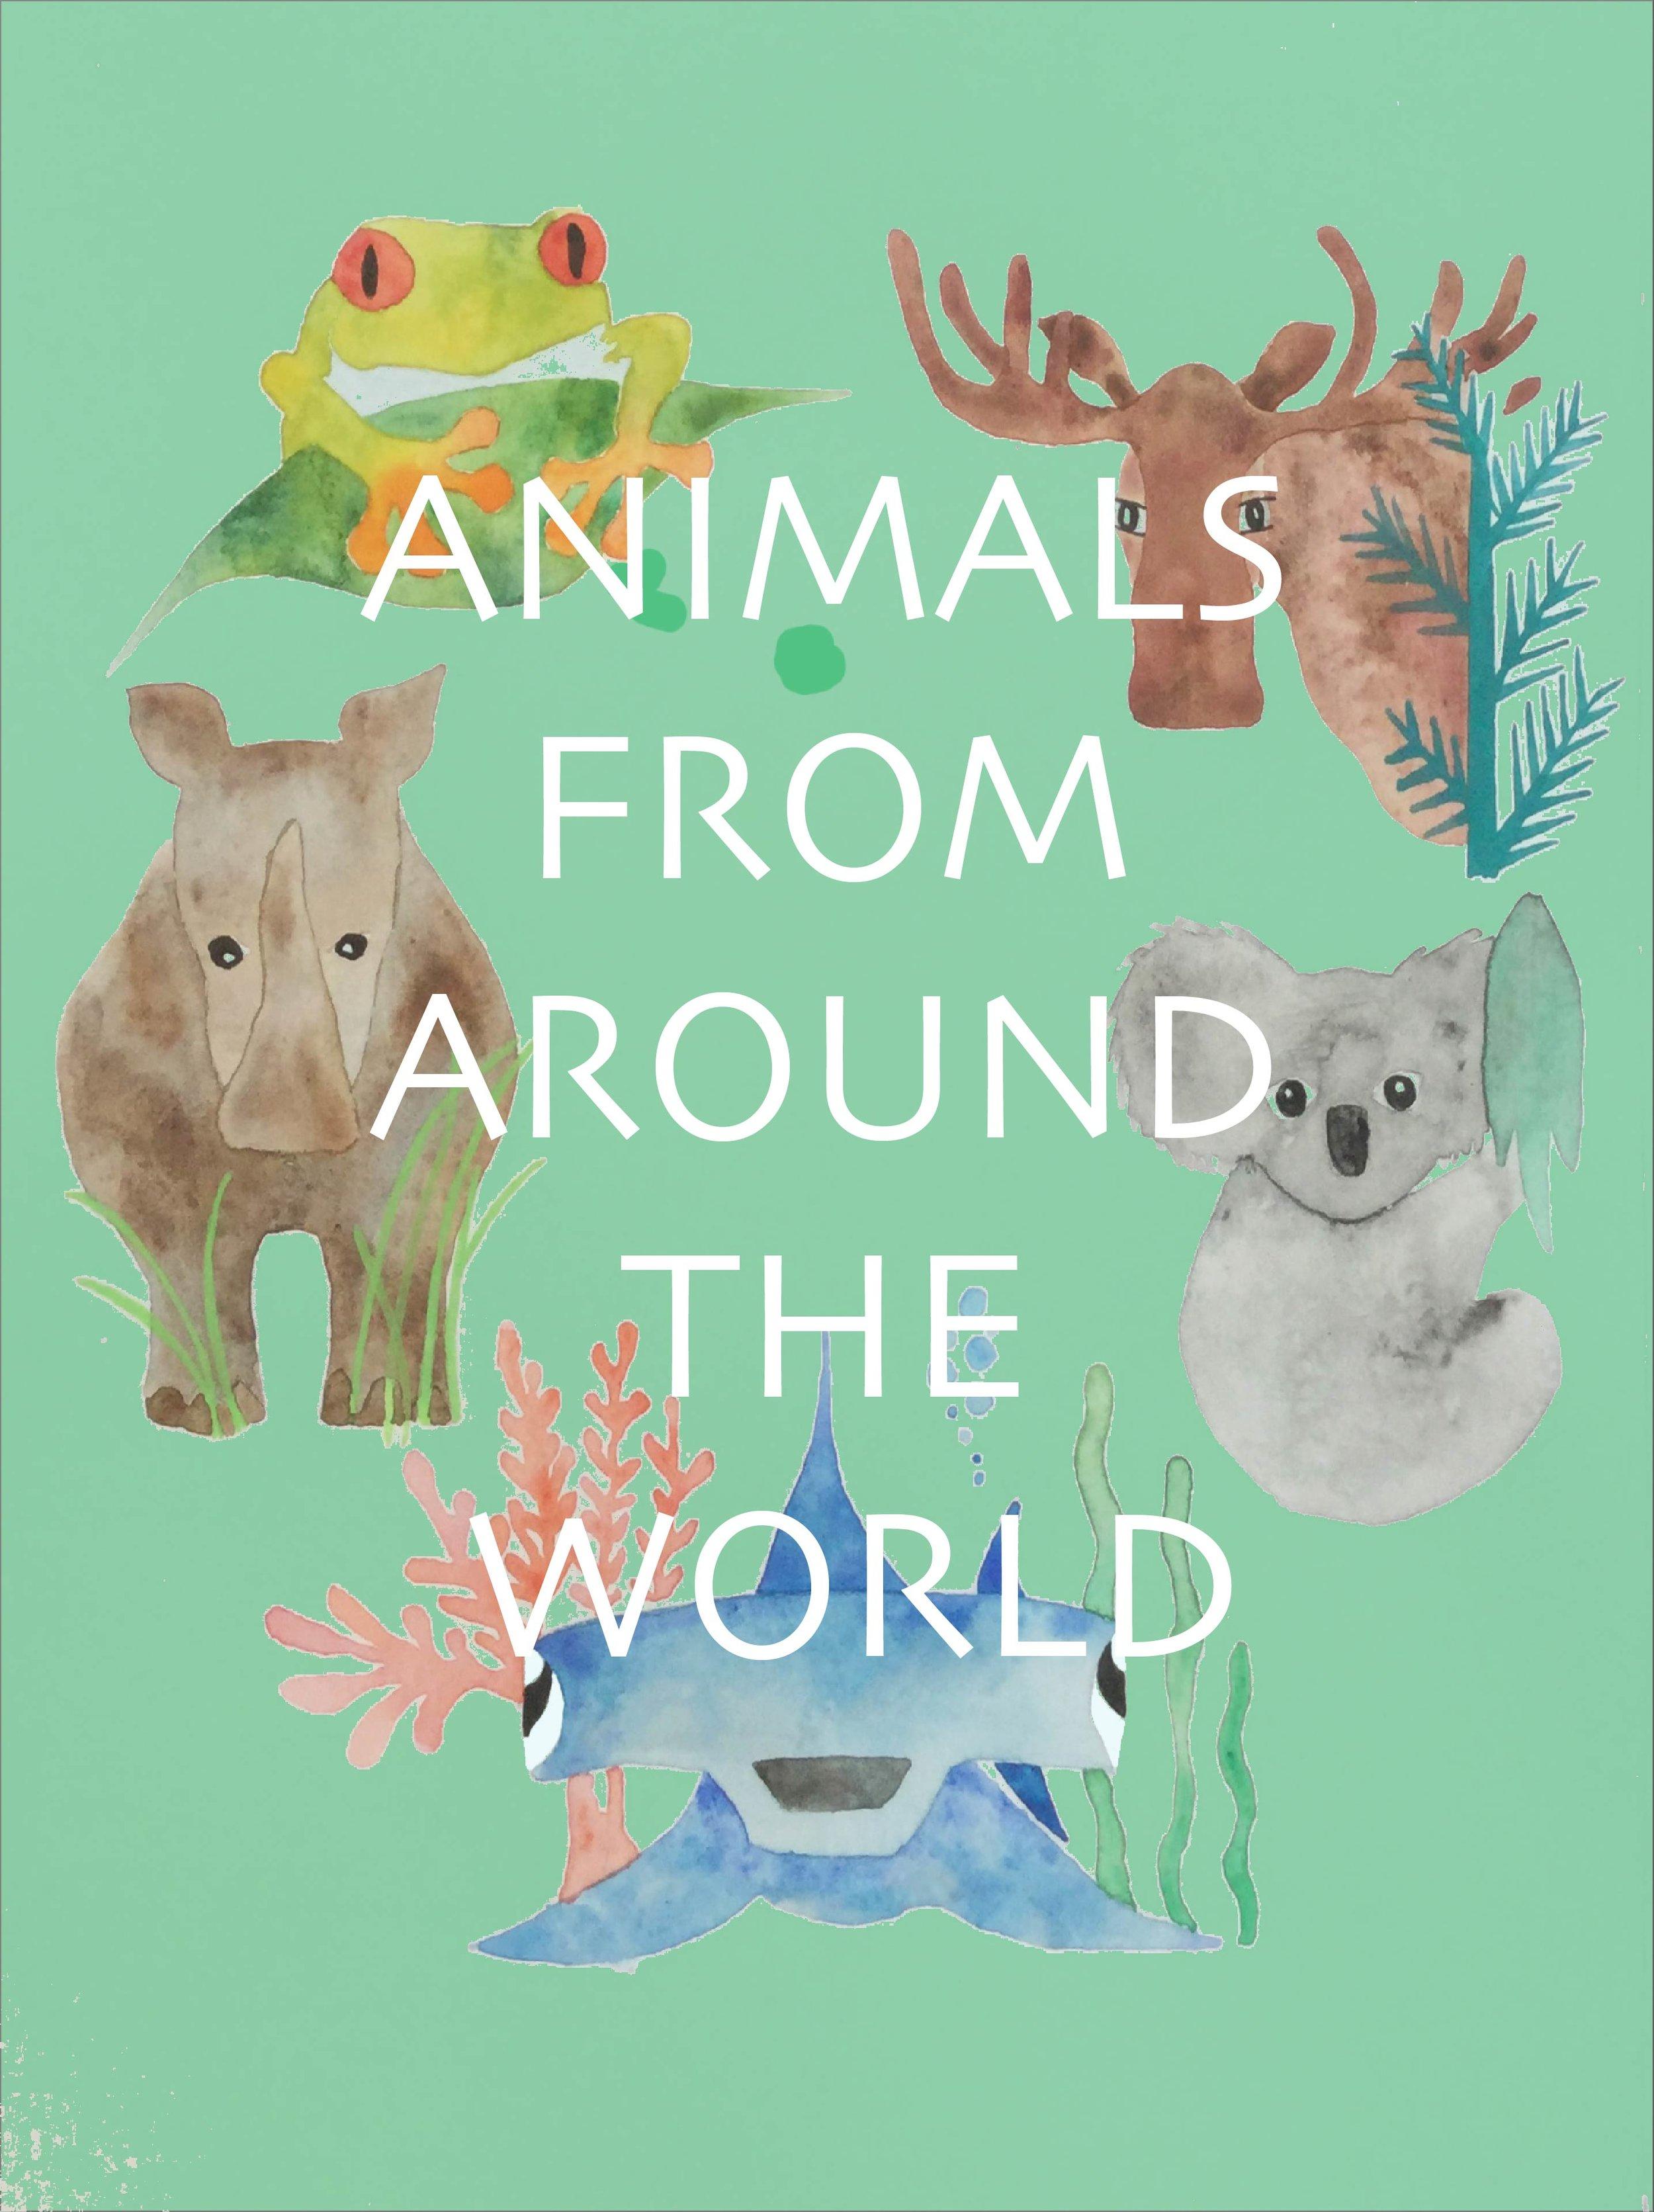 ANIMAL COVER 1E-01.jpg